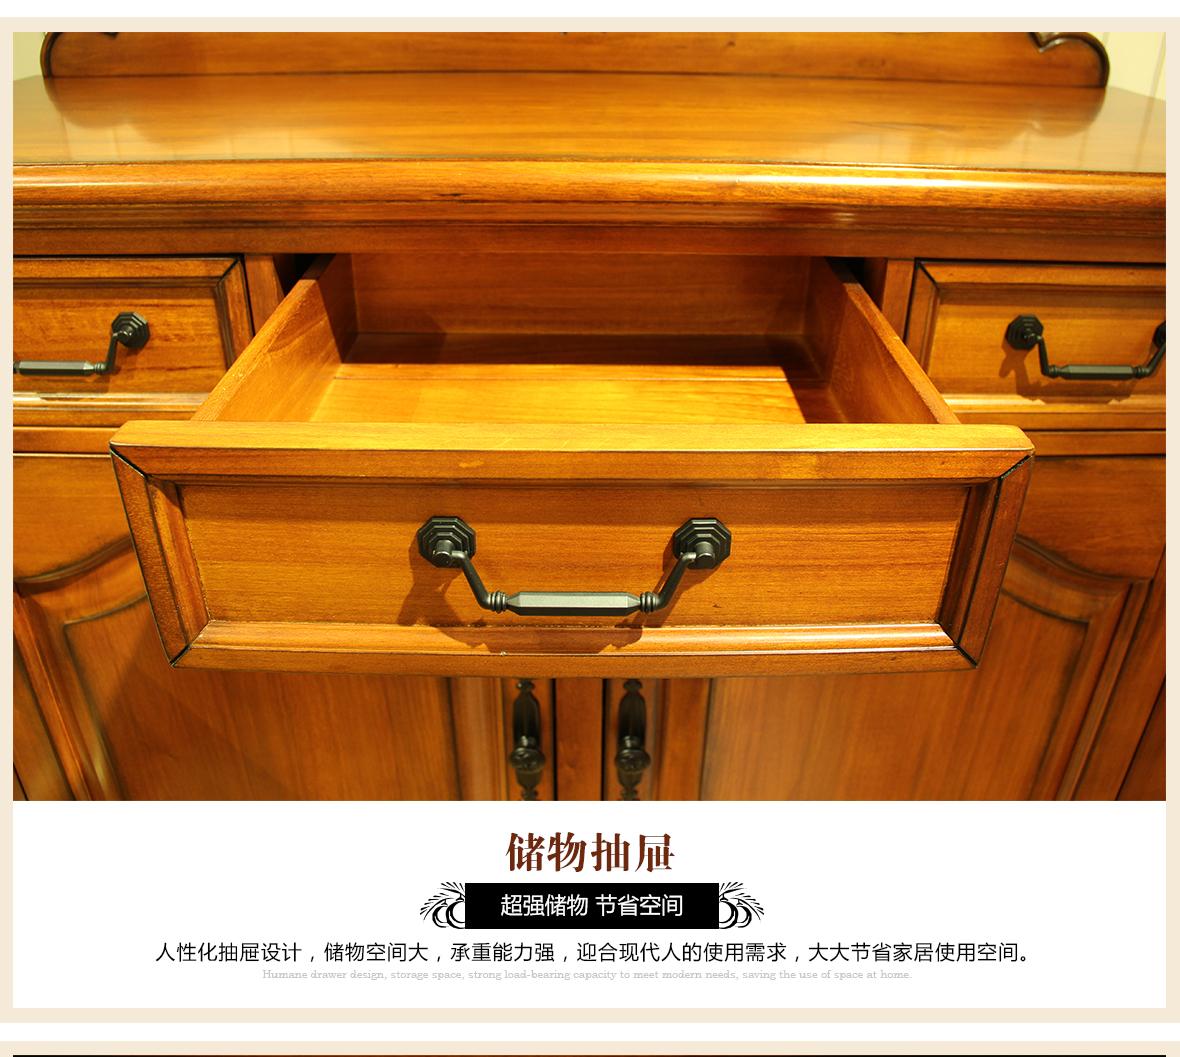 迦南橄榄树 6601-st型号 餐柜 实木板材 榫卯结构